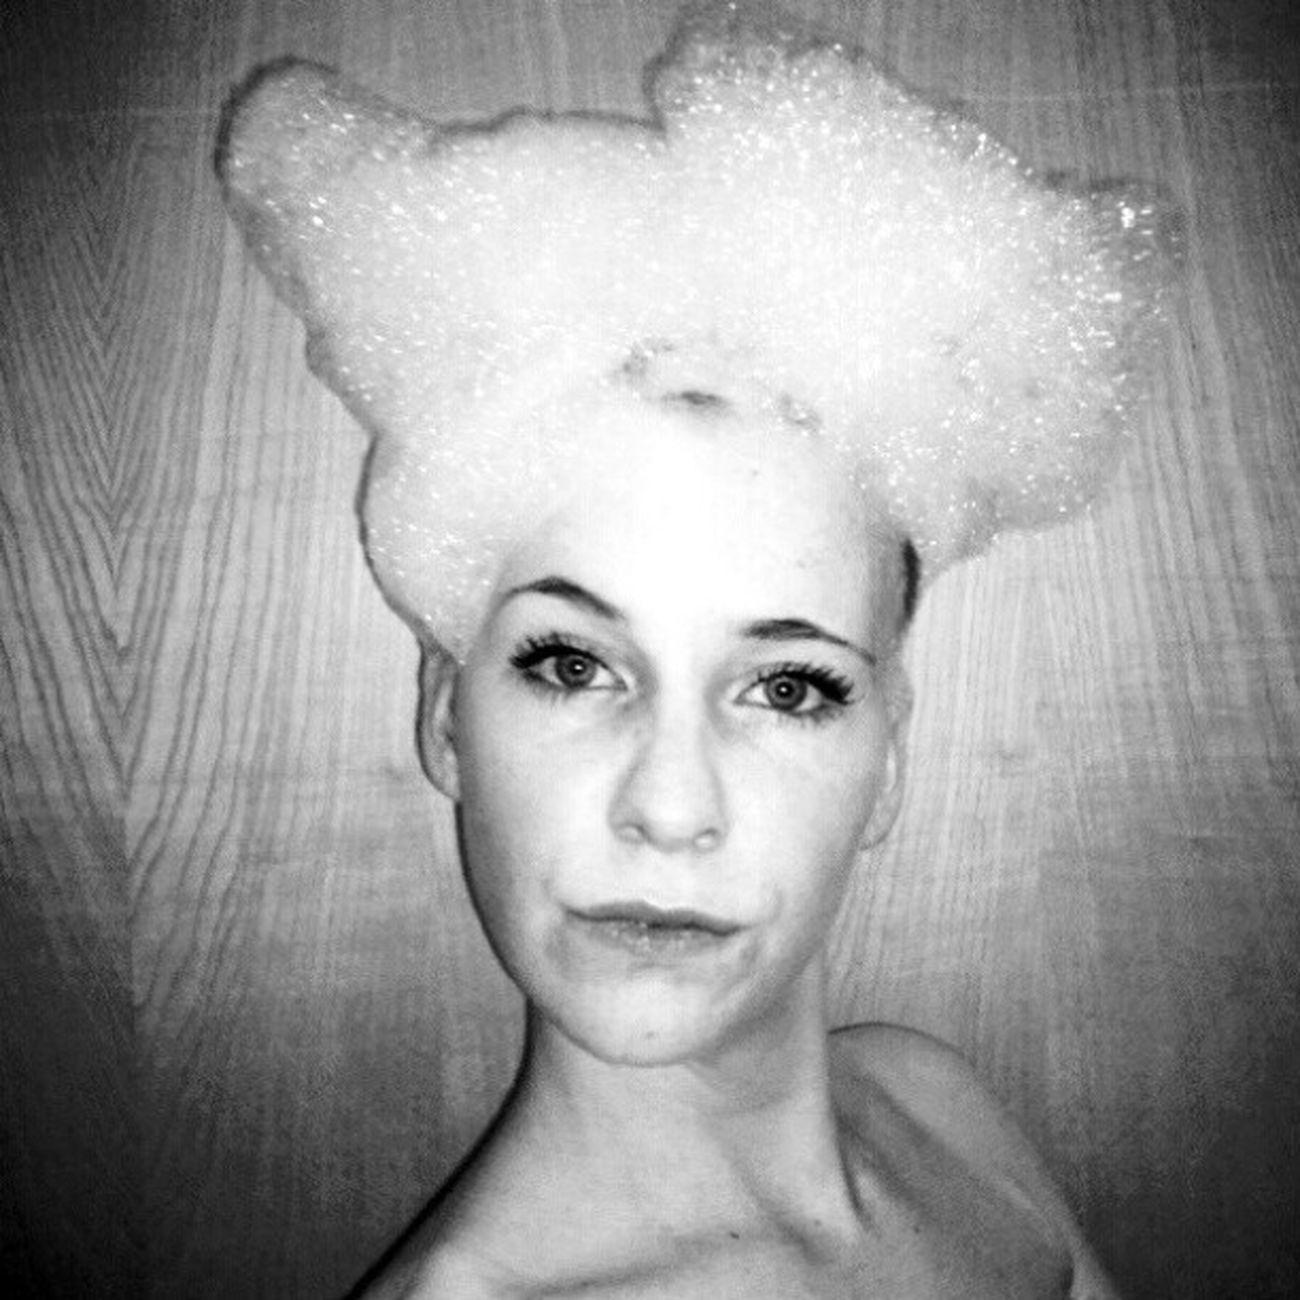 Got myself a new hairdo! Alopeciaawareness Alopecia Alopeciaareata Baldandbeautiful bald baldgirl nohairdontcare